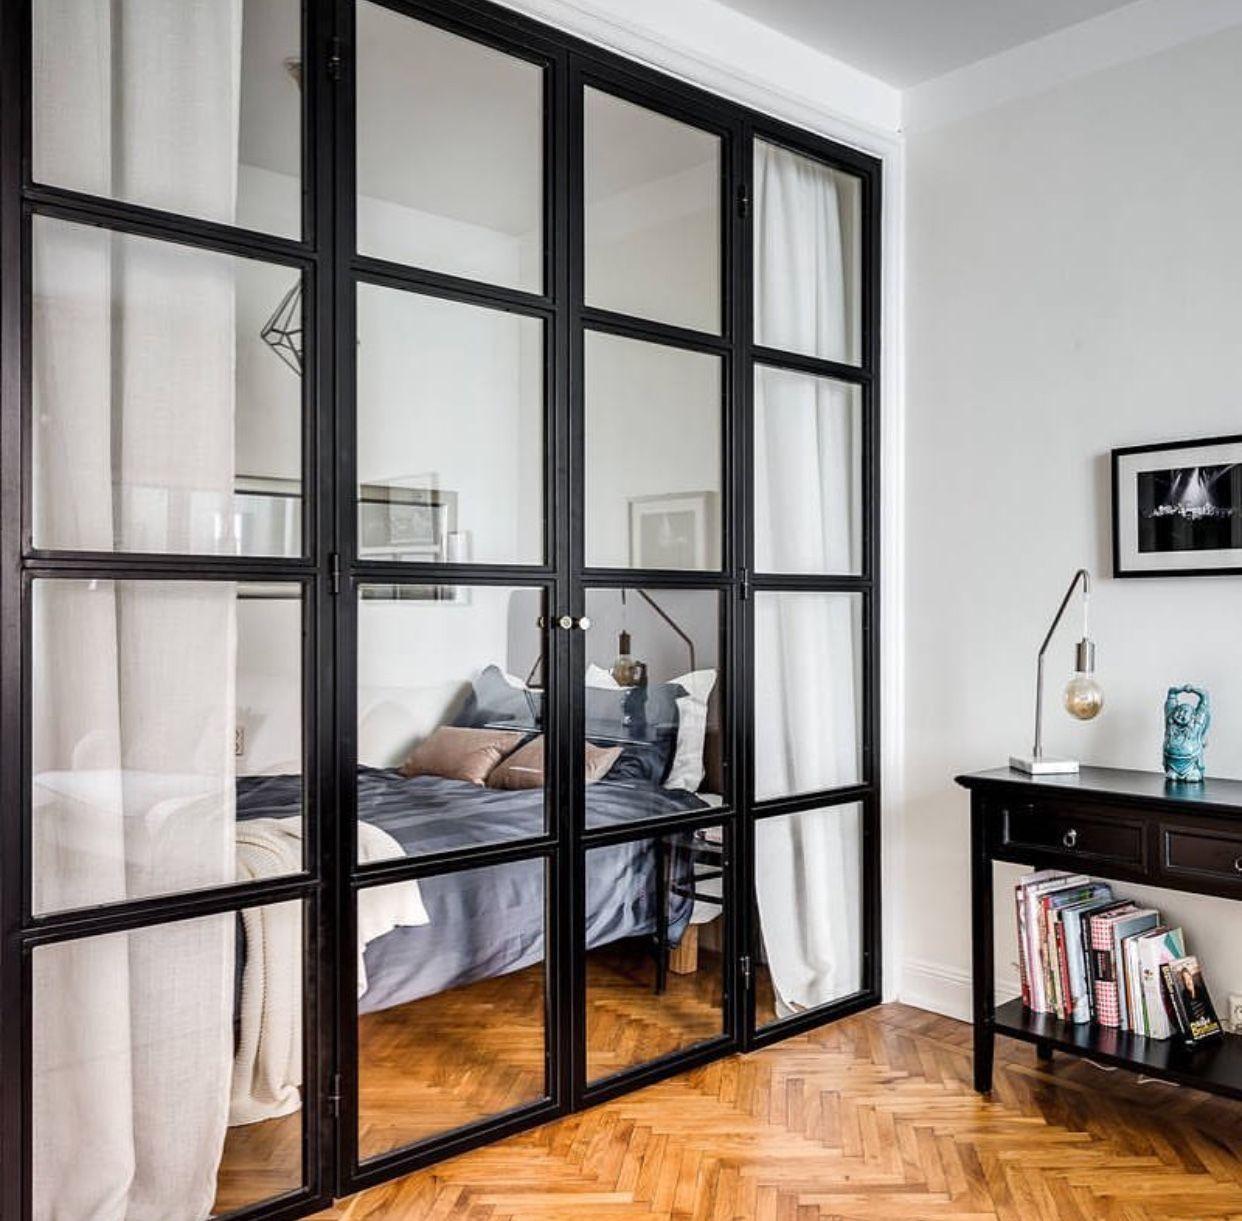 Apartment Furniture & Decor.